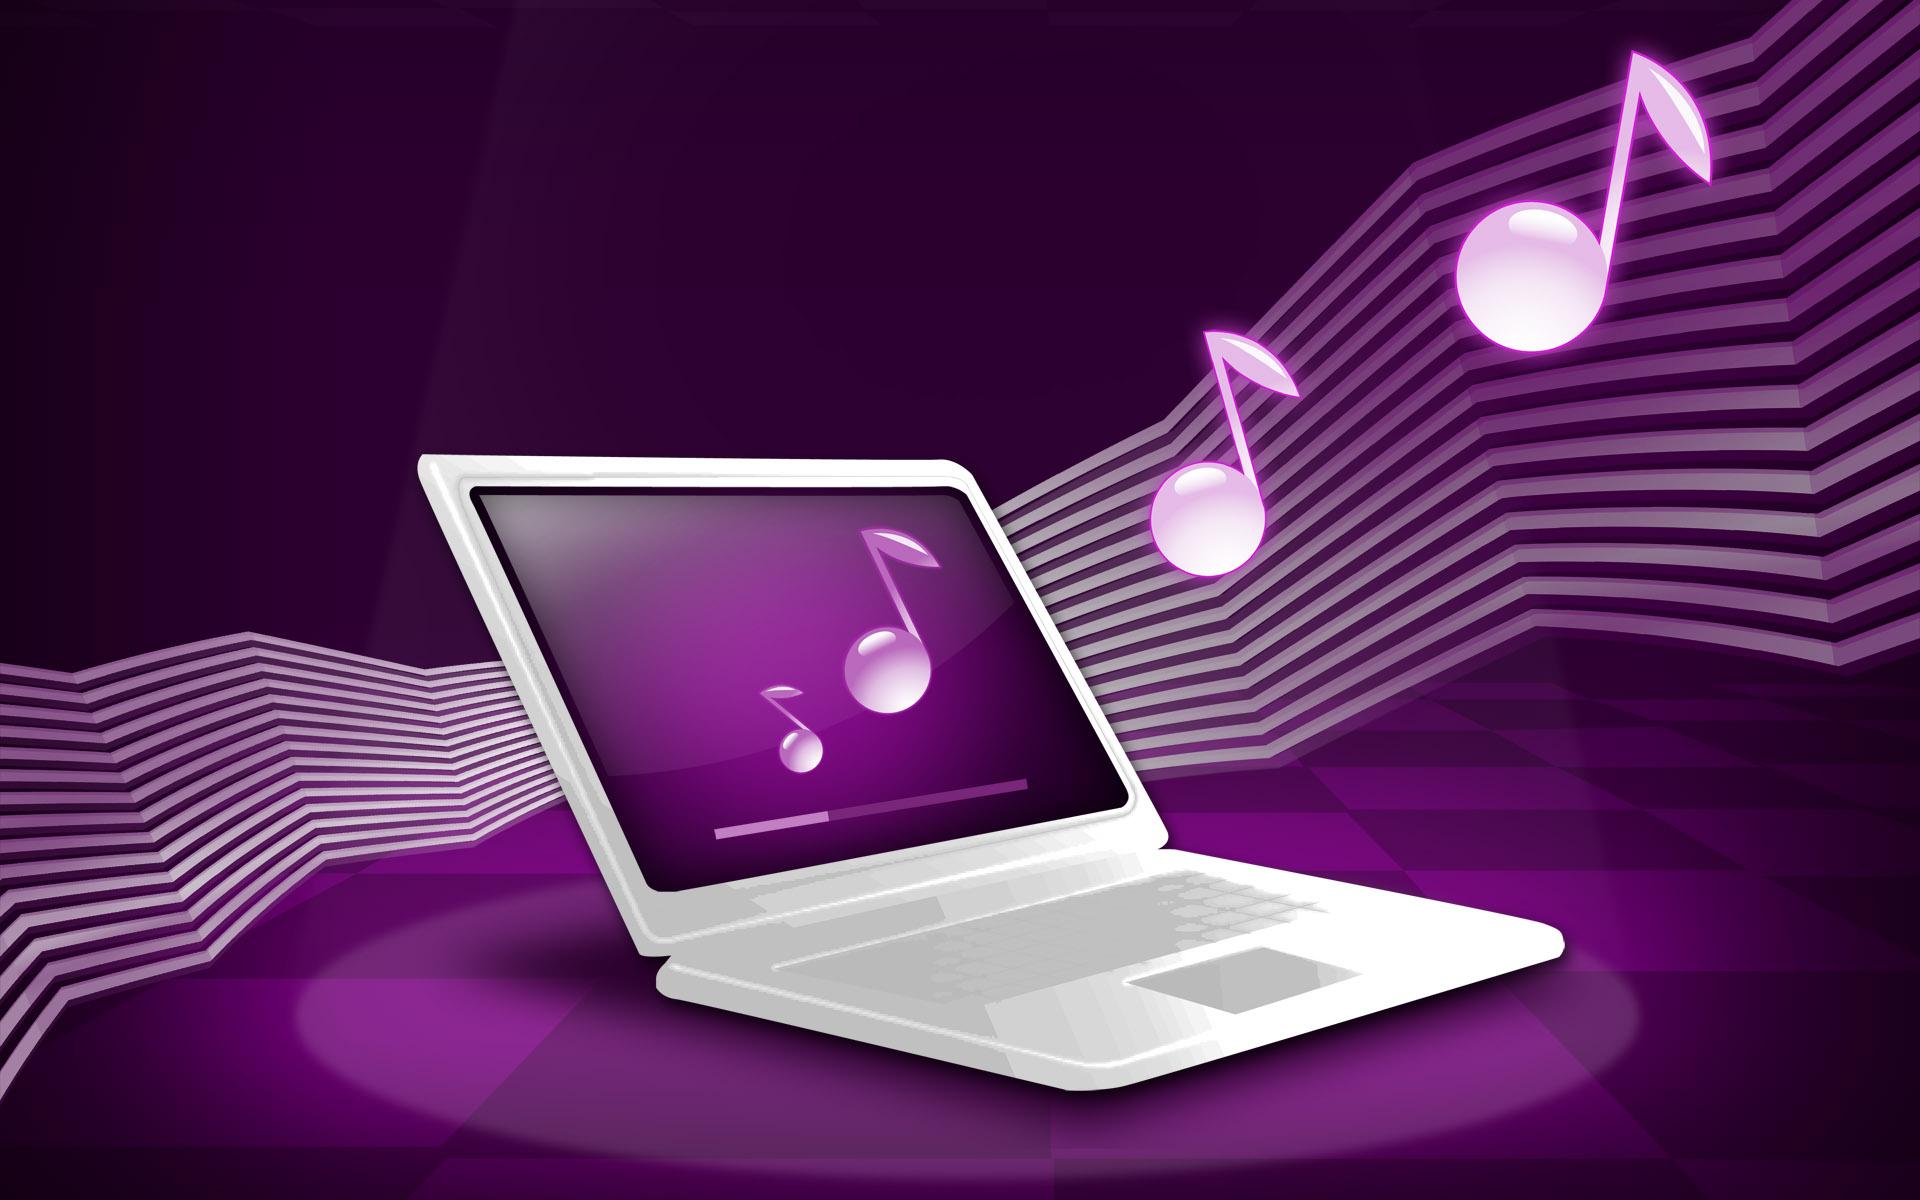 Free Download Technology Desktop Wallpaper 3d Technology